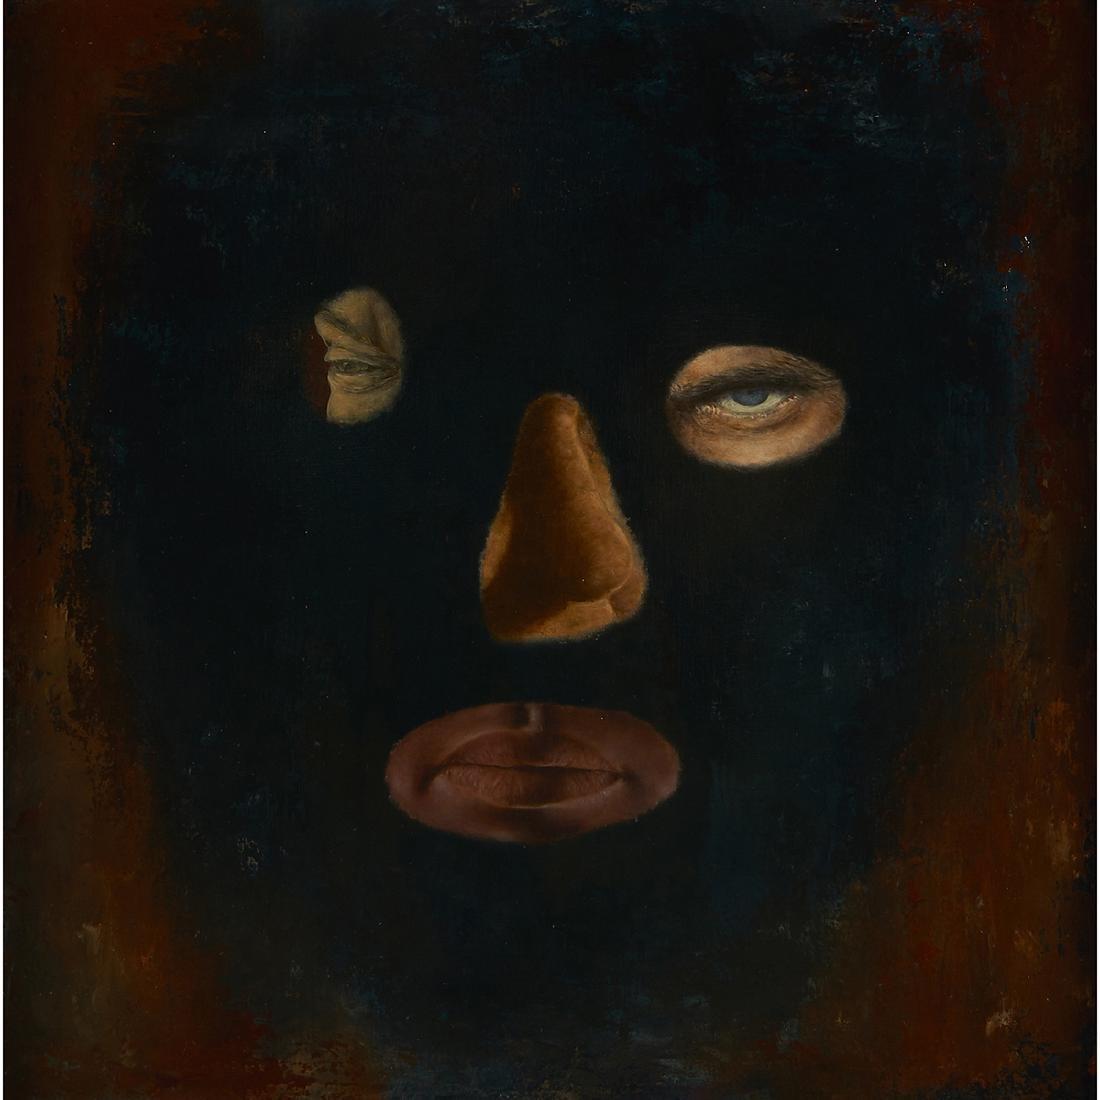 Ken Warneke, Untitled